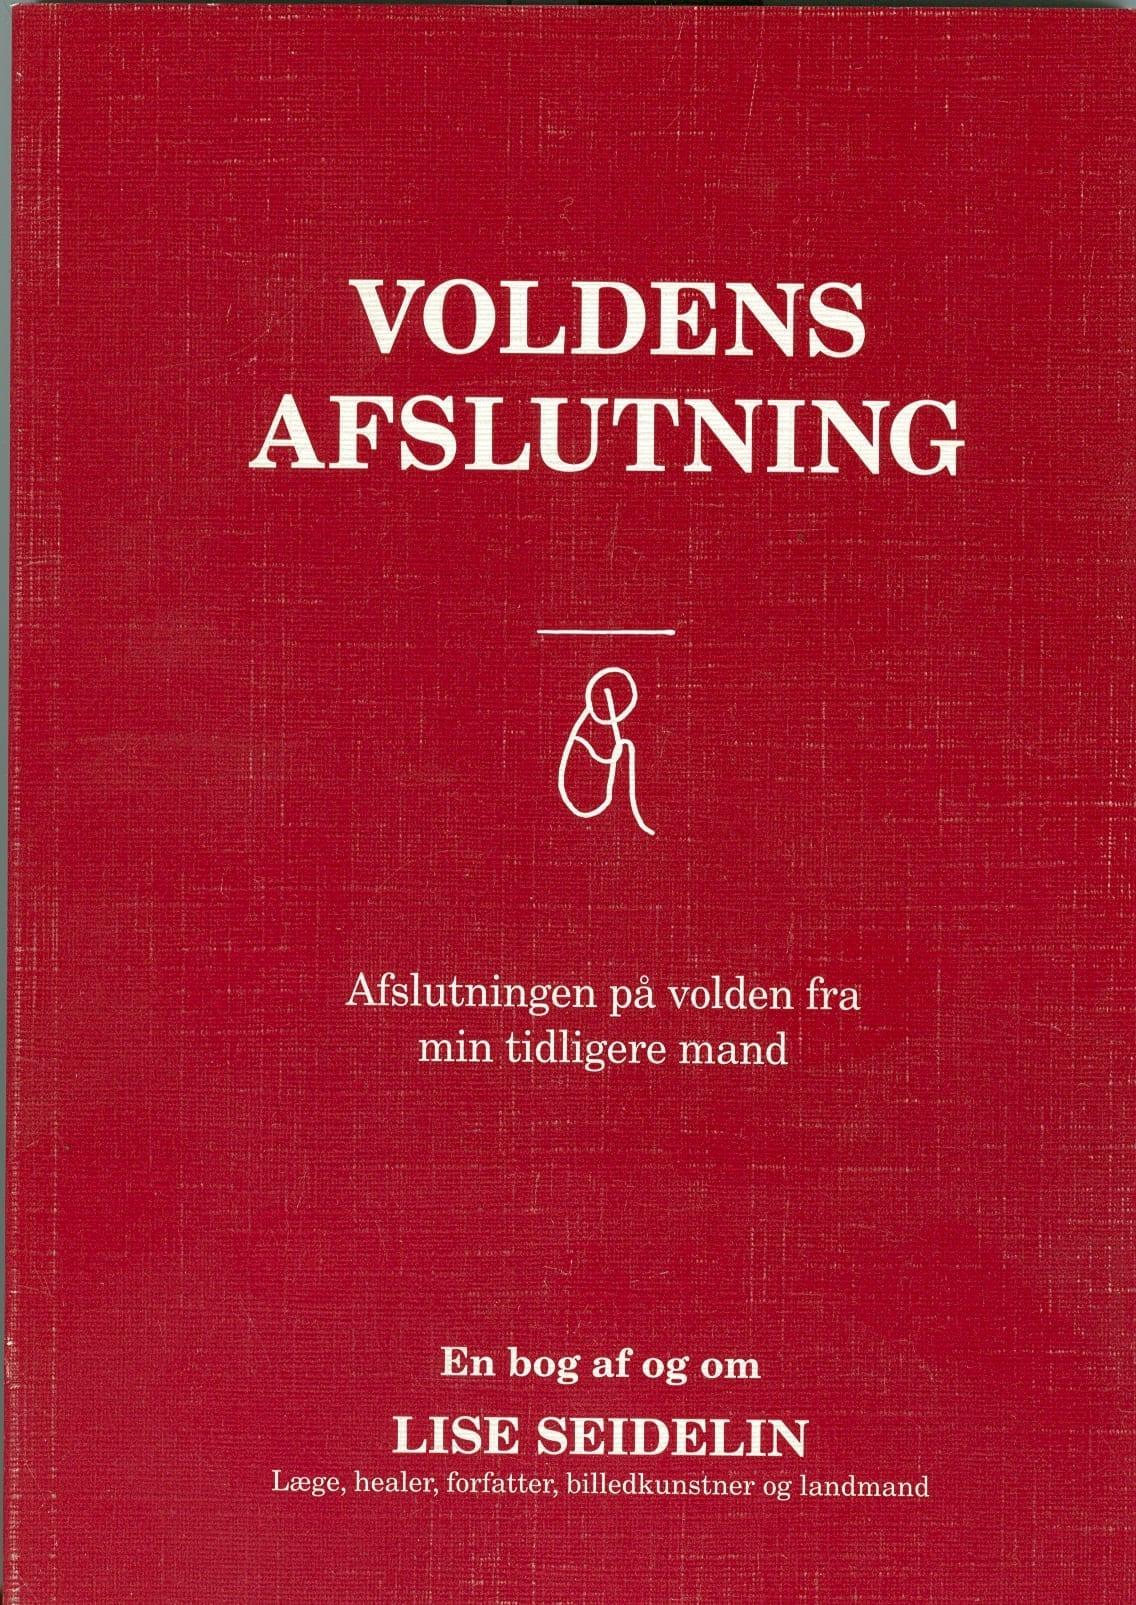 Bøger skrevet af Lise Seidelin